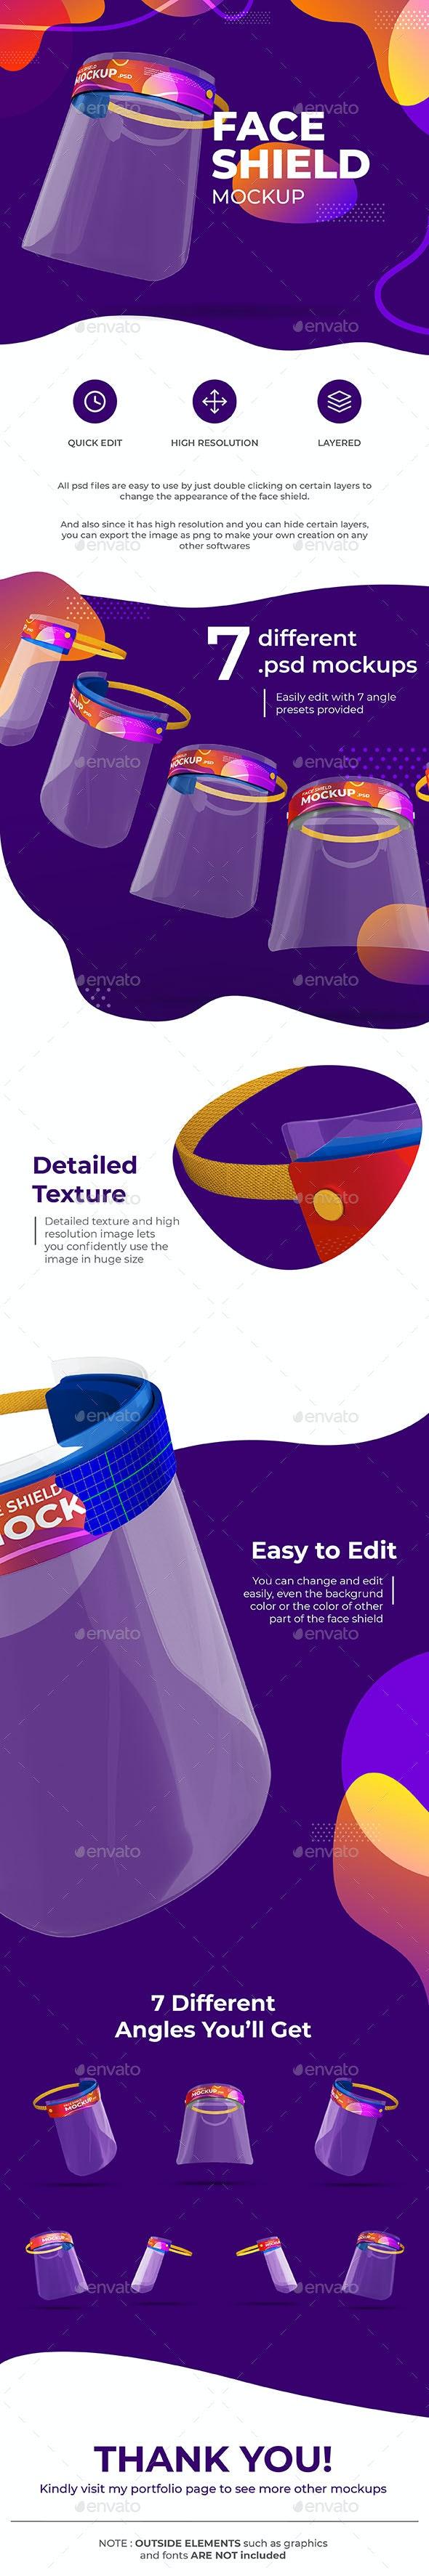 Face Shield Mockup - Product Mock-Ups Graphics